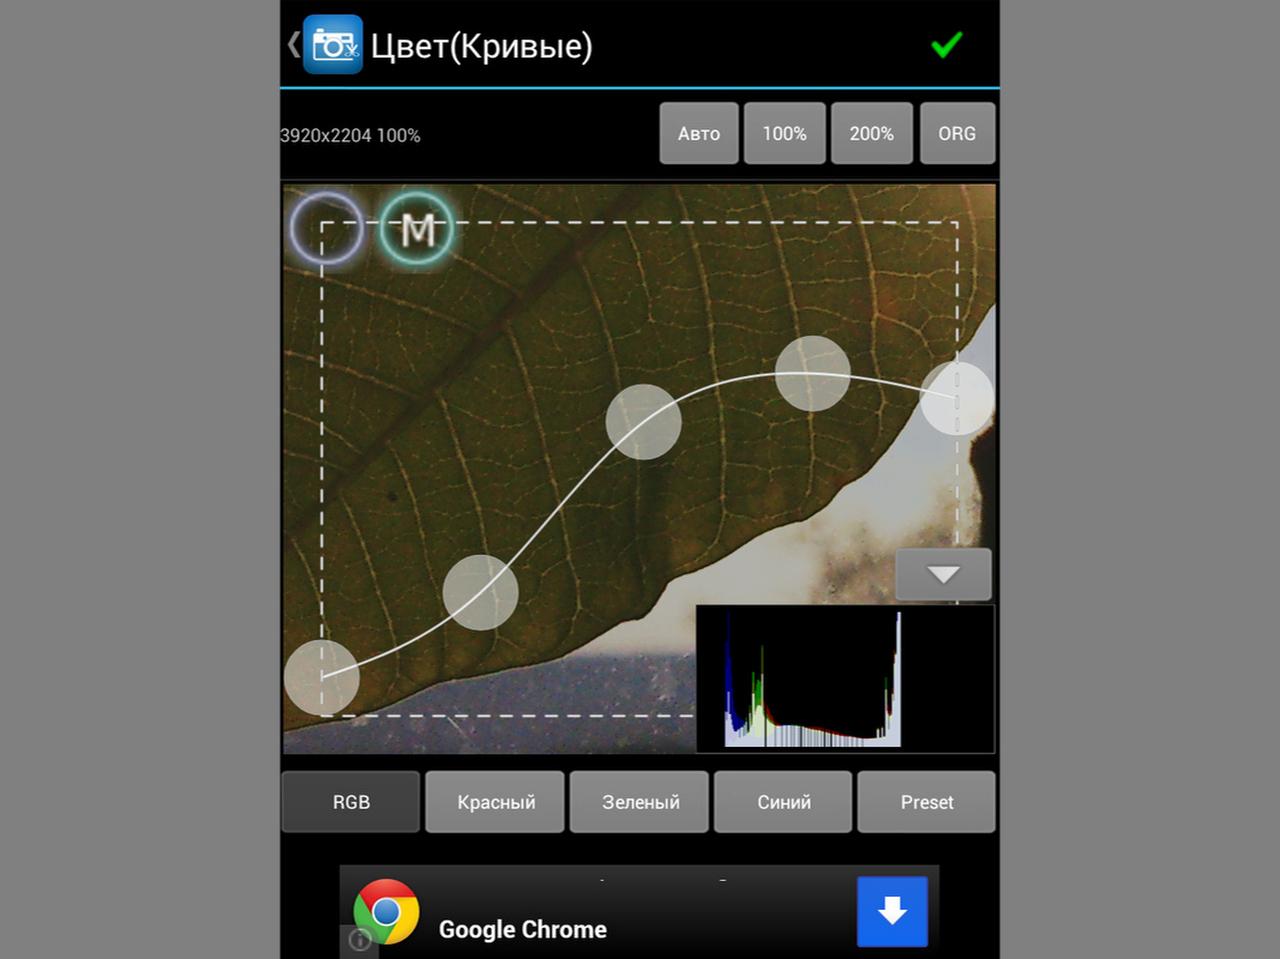 Фоторедактор Picshop Для Андроид